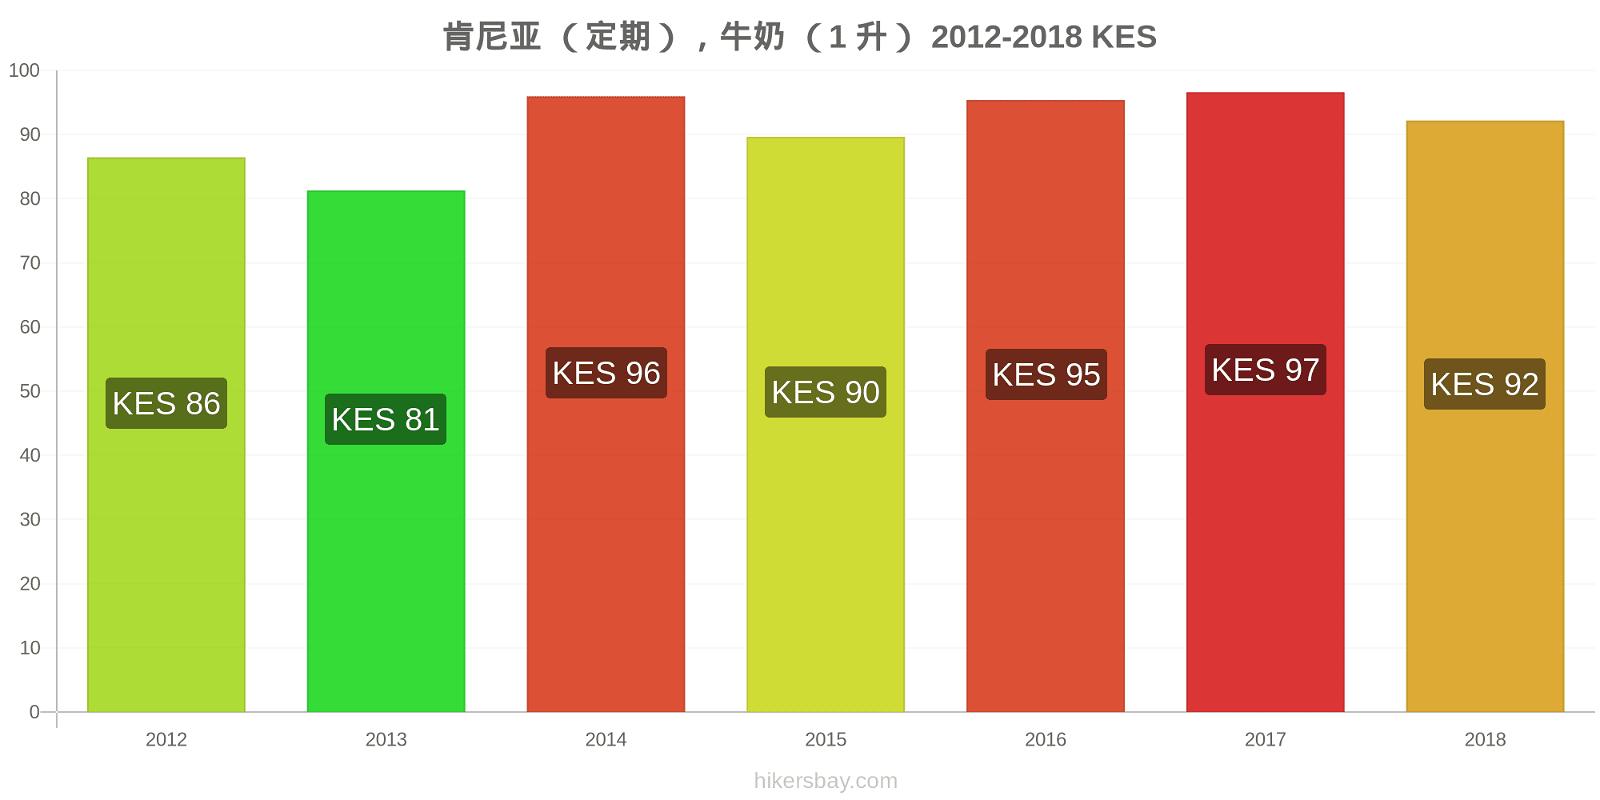 肯尼亚 价格变化 (定期),牛奶 (1 升) hikersbay.com